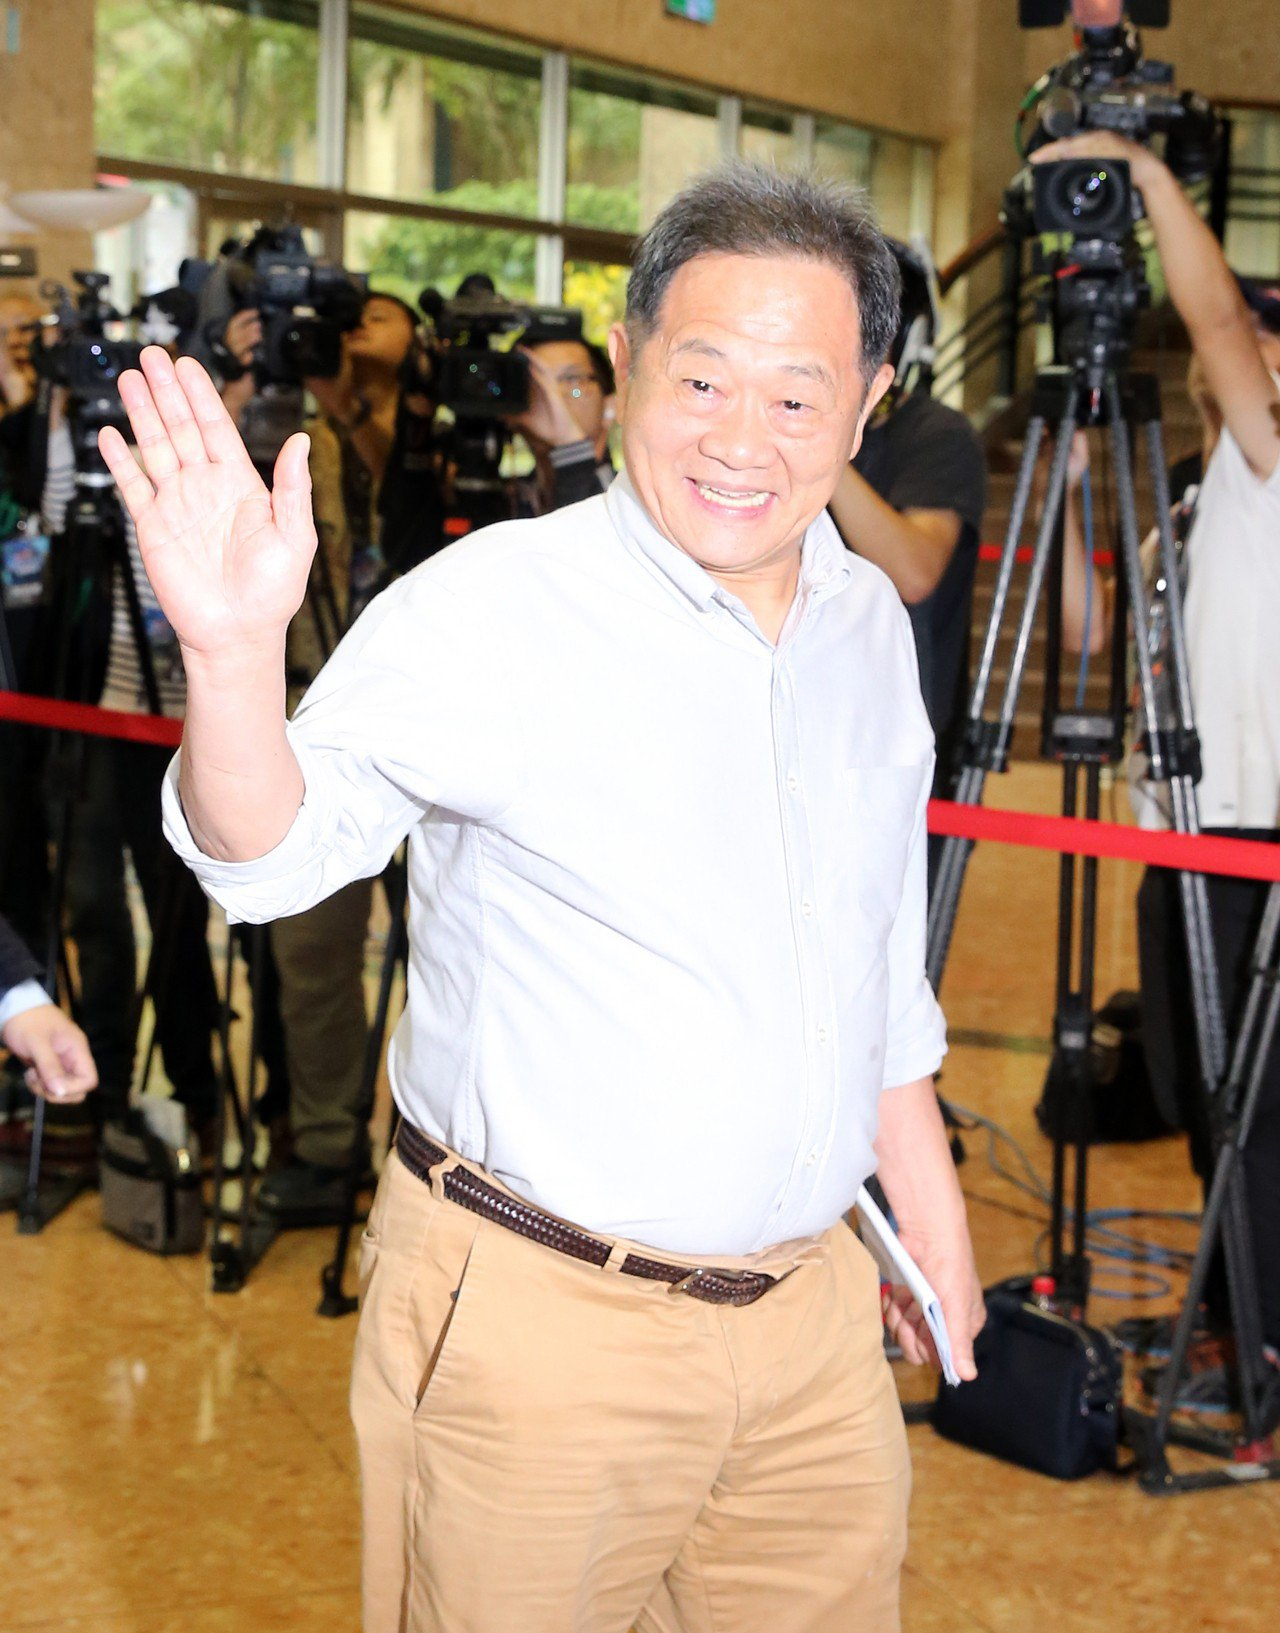 台北市長候選人電視辯論會,李錫錕由選辦人員陪同參加。記者許正宏/攝影